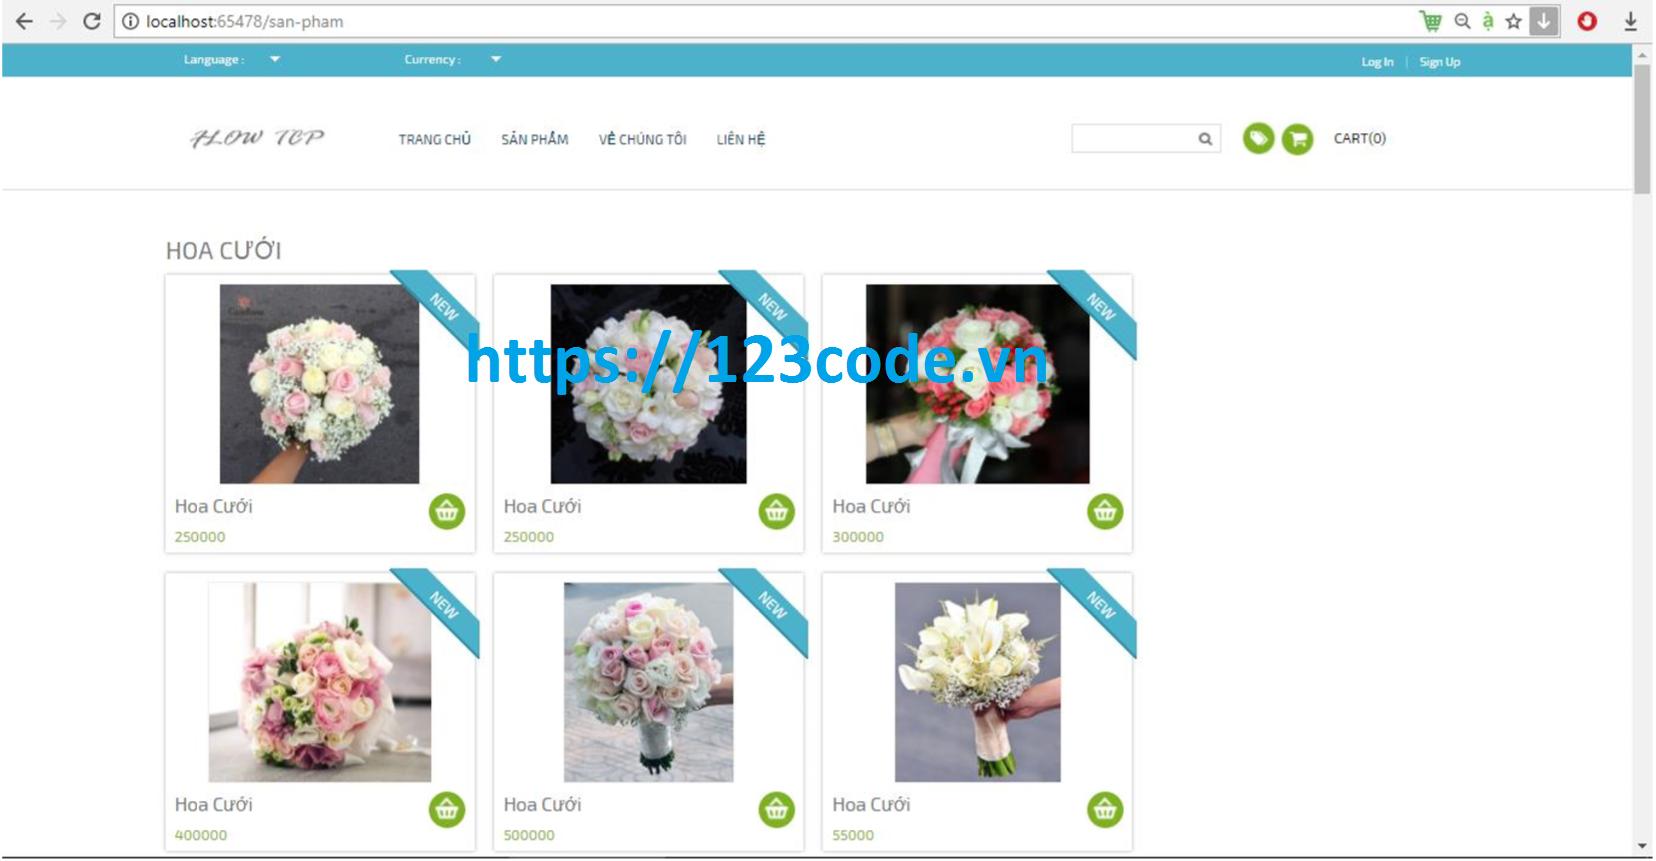 Share source code website bán hoa online asp.net full báo cáo và data